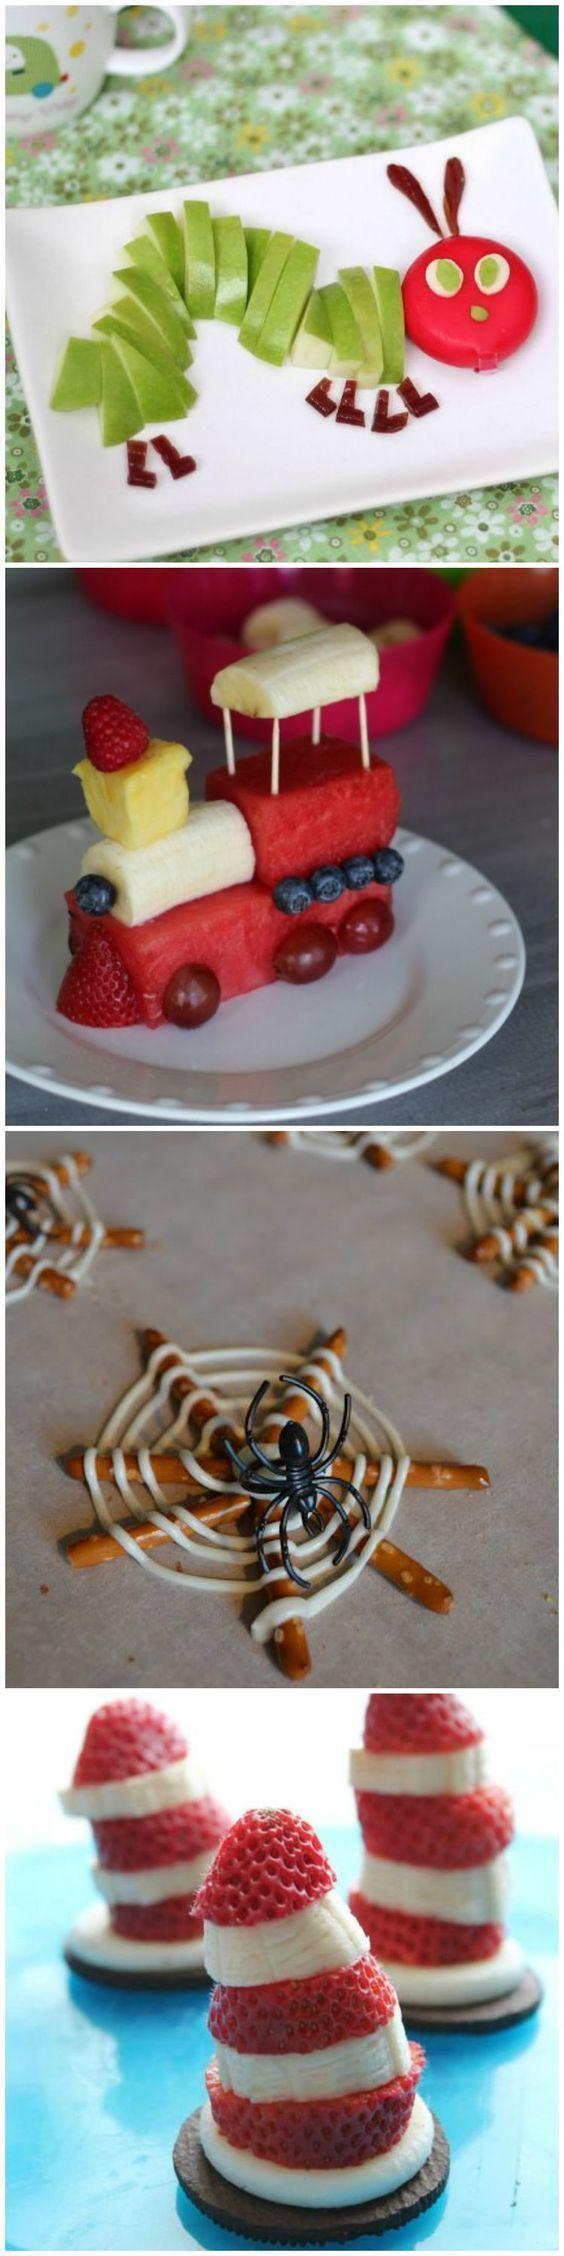 Essen Anrichten, Dekorieren, Deko, Zug Aus Obst, Spinnennetz Spinne, Für  Kinder